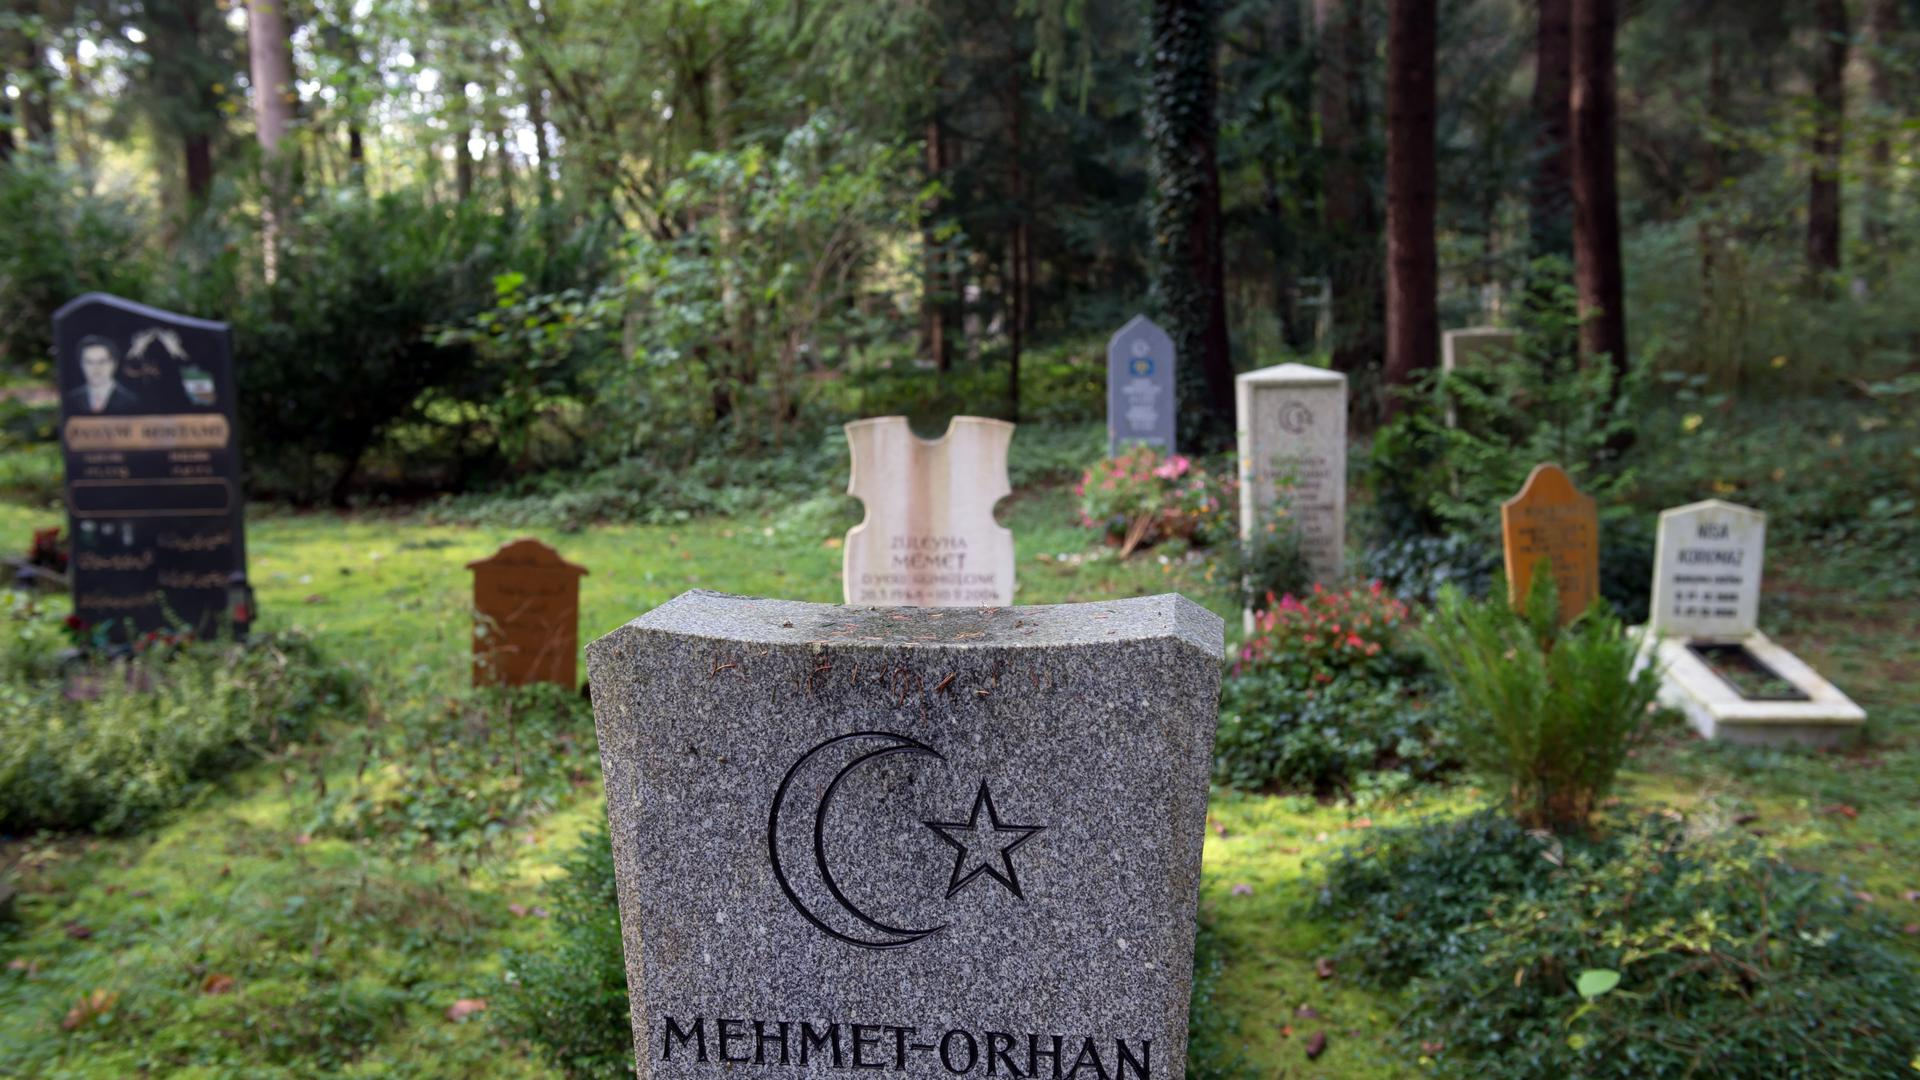 """Ein muslimisches Gräberfeld auf dem Münchner Waldfriedhof, aufgenommen am 24.10.2014 in München (Bayern). Auf diesem Friedhof entstand vor 50 Jahren bayernweit das erste muslimische Grabfeld. Foto: Peter Kneffel/dpa (zu dpa-KORR: """"Muslimische Bestattungen in Bayern"""" vom 25.10.2014) +++(c) dpa - Bildfunk+++ ff"""